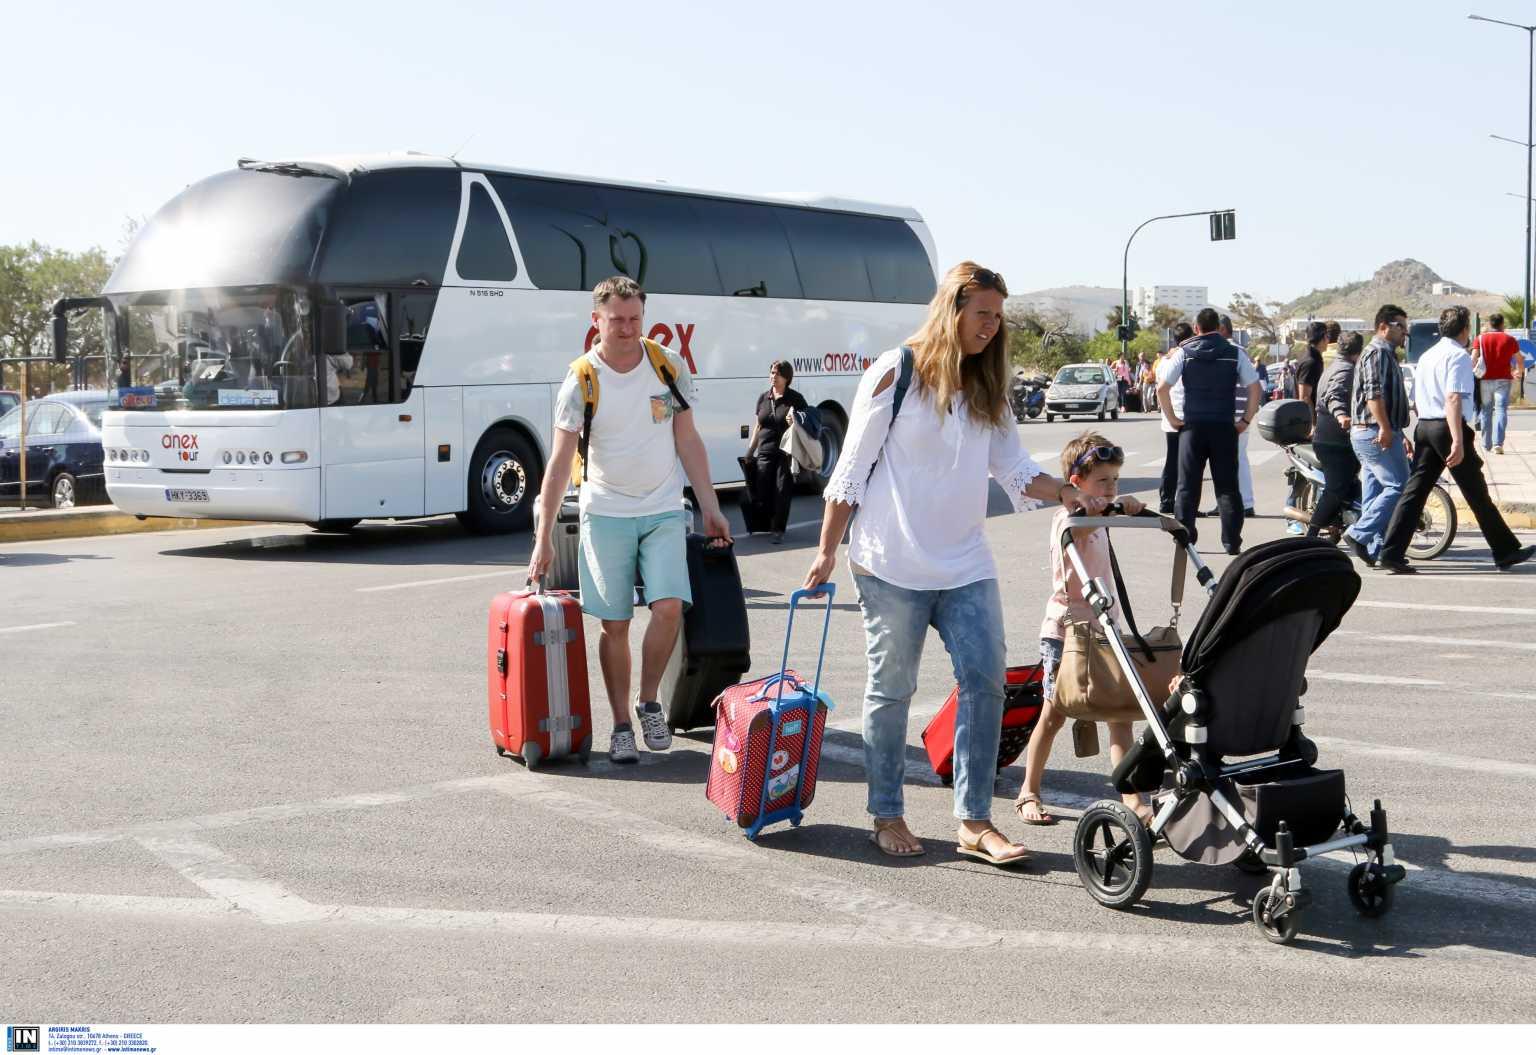 Γρίφος φέτος οι διακοπές για τους Έλληνες – Πόσοι θα πάνε και πόσοι το βλέπουν για το 2022